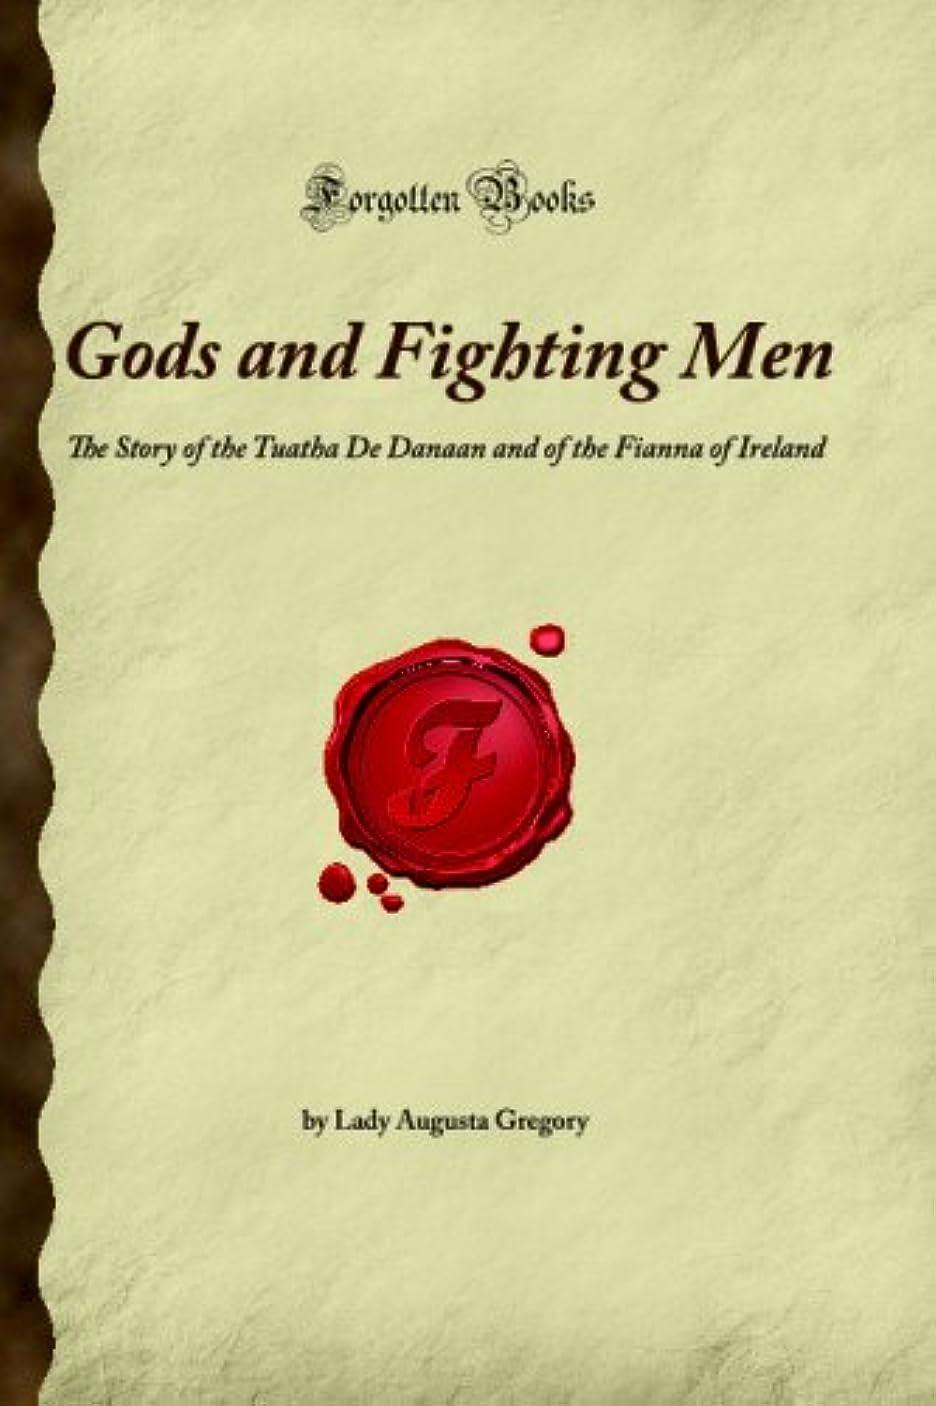 ワットマウント機械的にGods and Fighting Men: The Story of the Tuatha De Danaan and of the Fianna of Ireland (Forgotten Books)